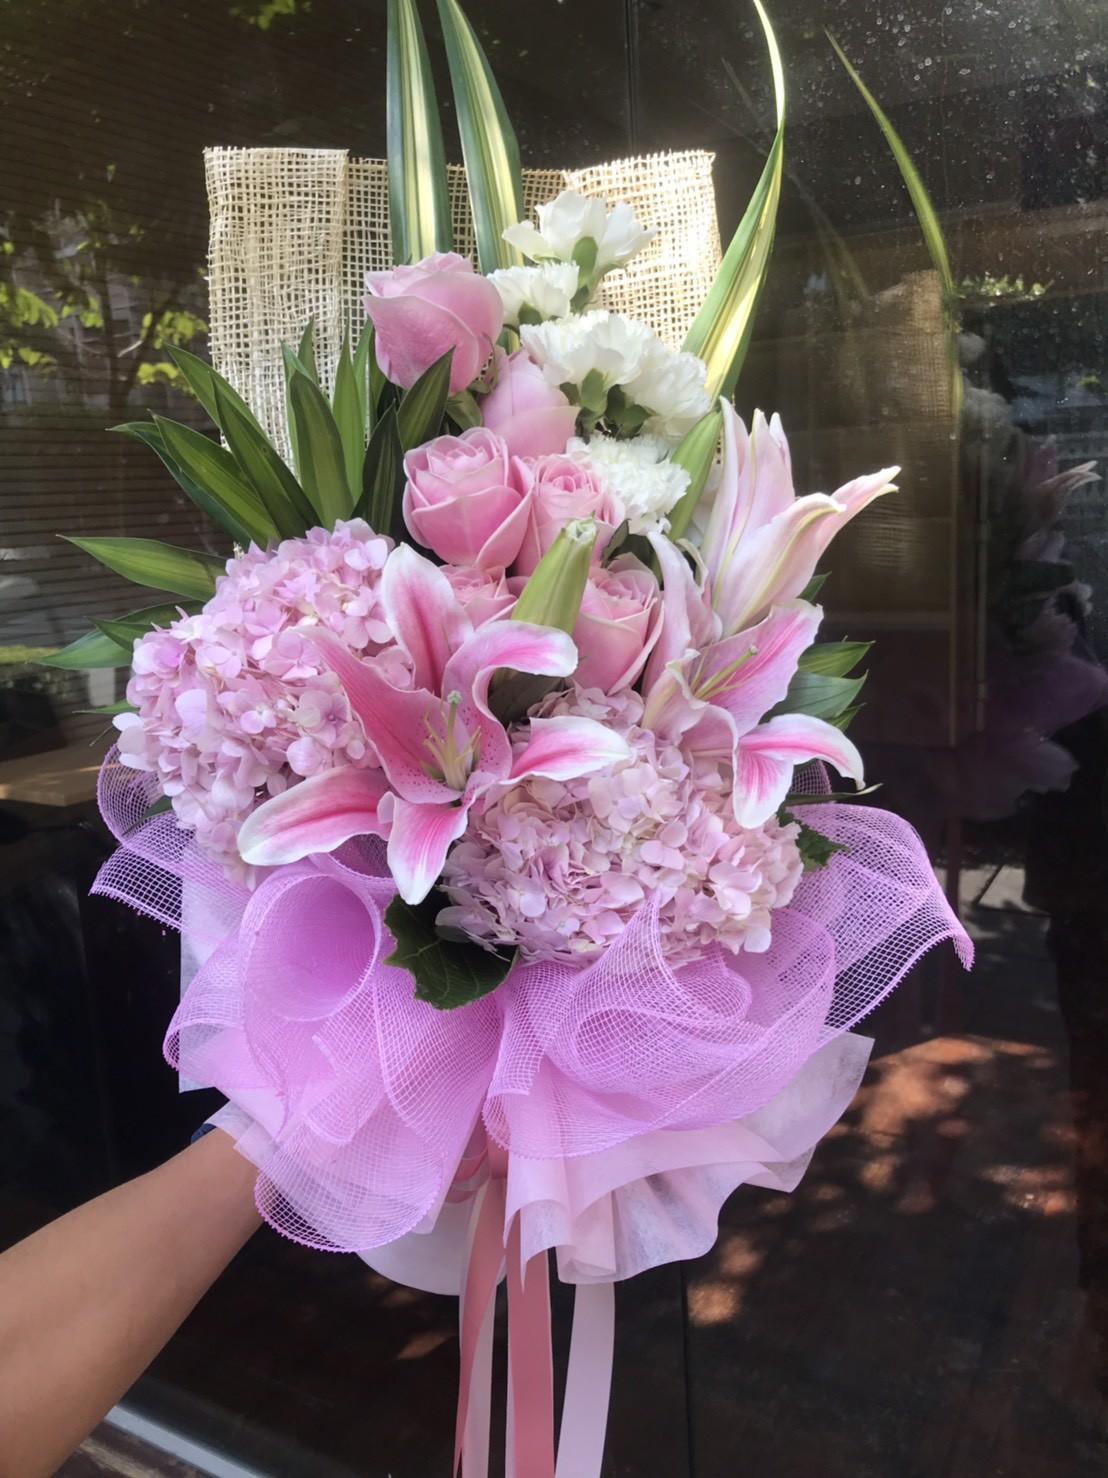 อีกหนึ่งช่อดอกไม้งานเกรดพรีเมียม ใช้ดอกไม้หลากชนิดหลายสีสัน